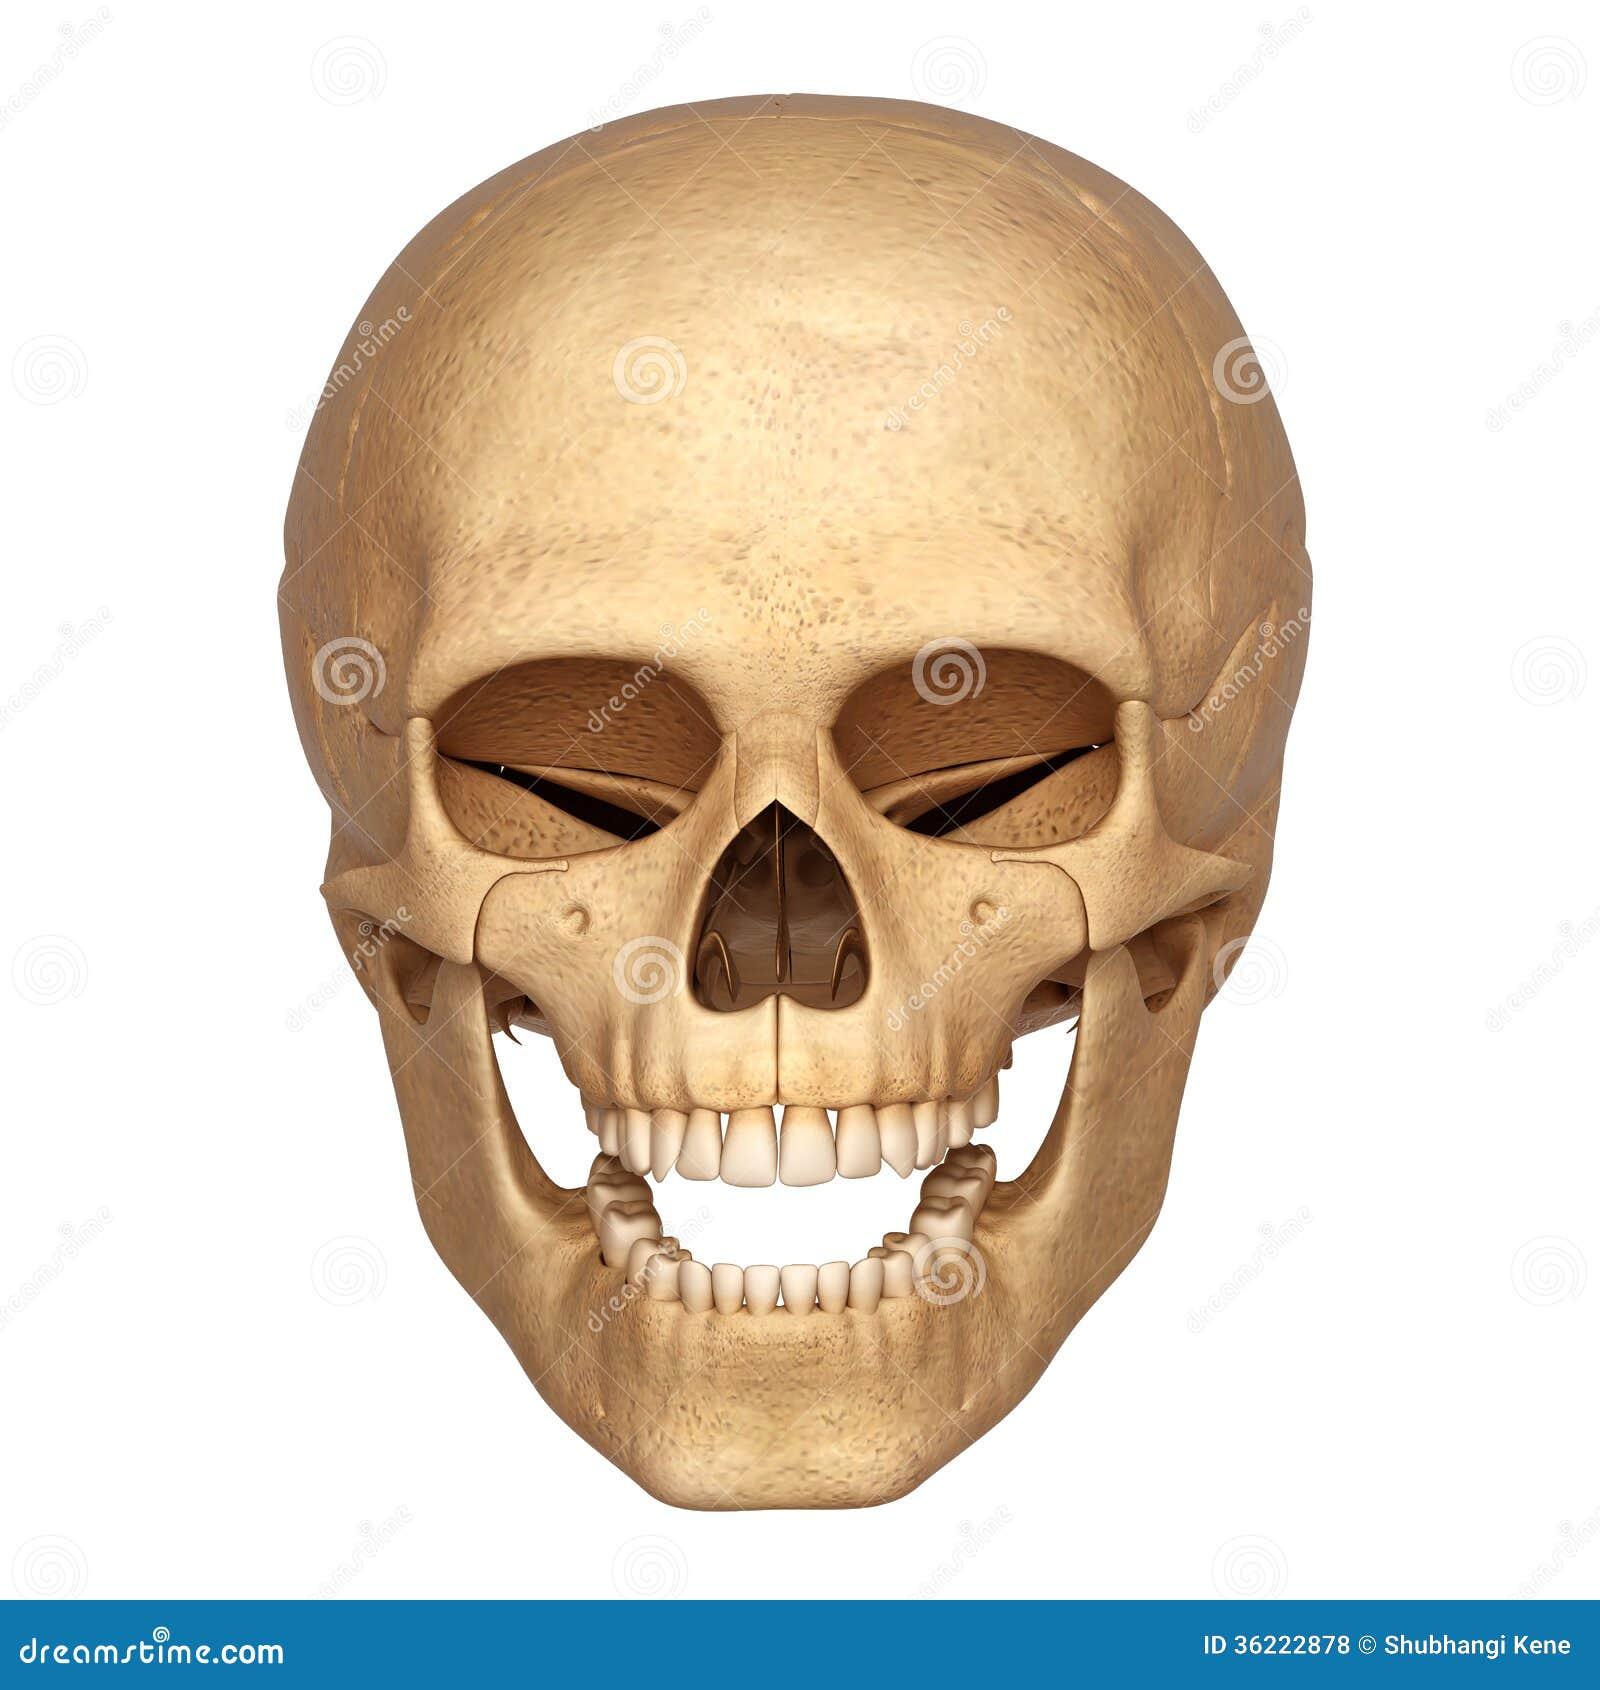 human head skeleton royalty free stock photos - image: 36222878, Skeleton